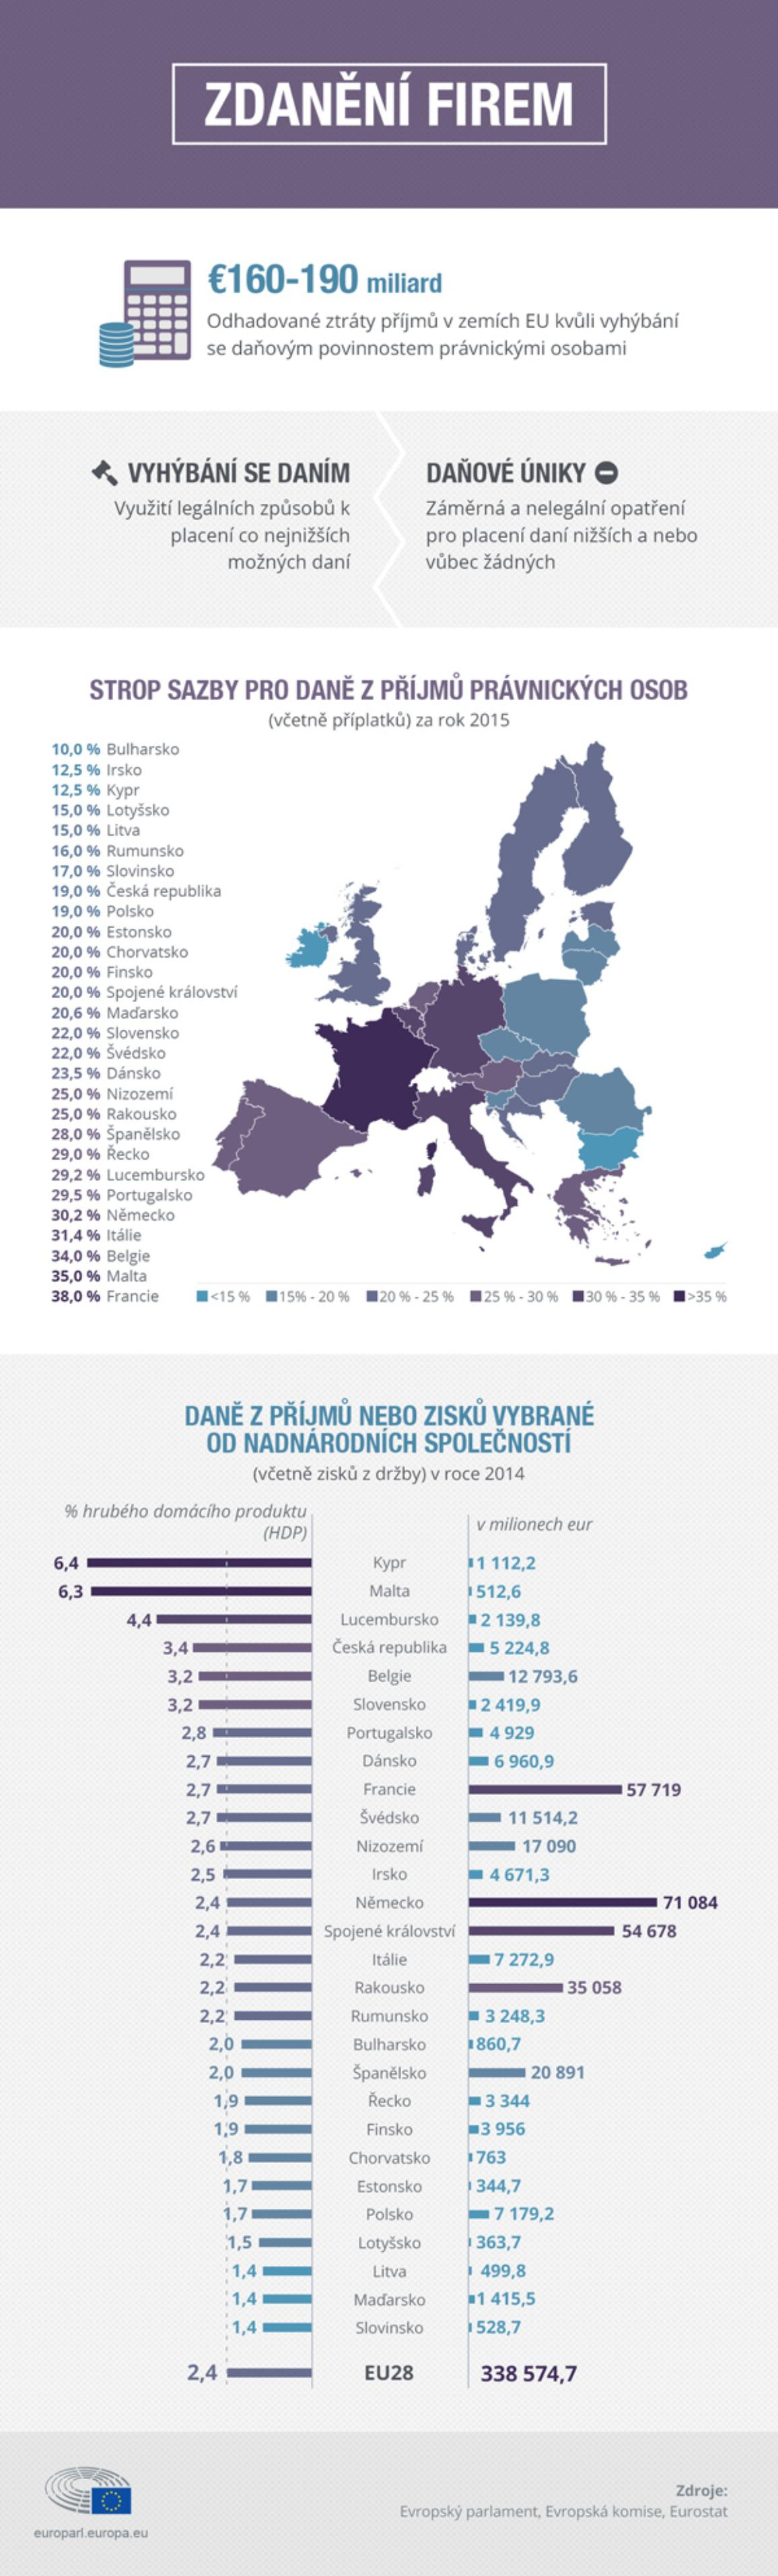 infografiku zobrazující daňové příjmy podle členských států a příslušné daňové sazby.